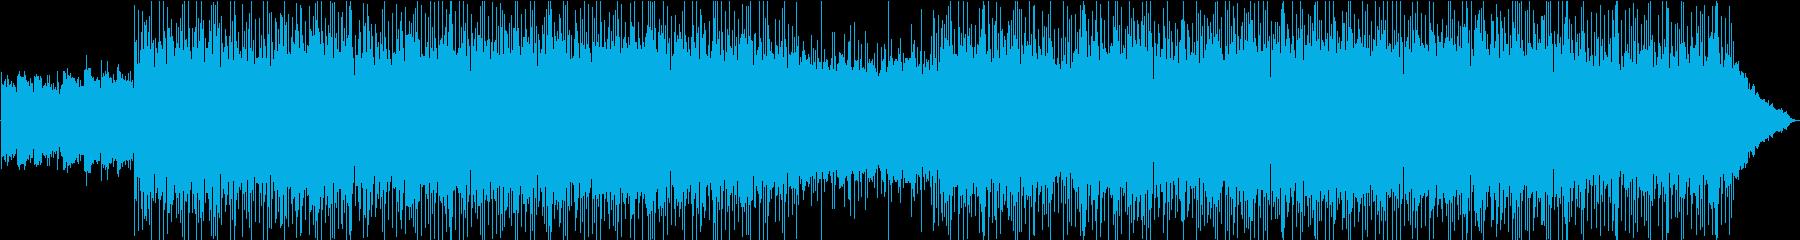 切なくドラマチックなポールモーリア風の曲の再生済みの波形